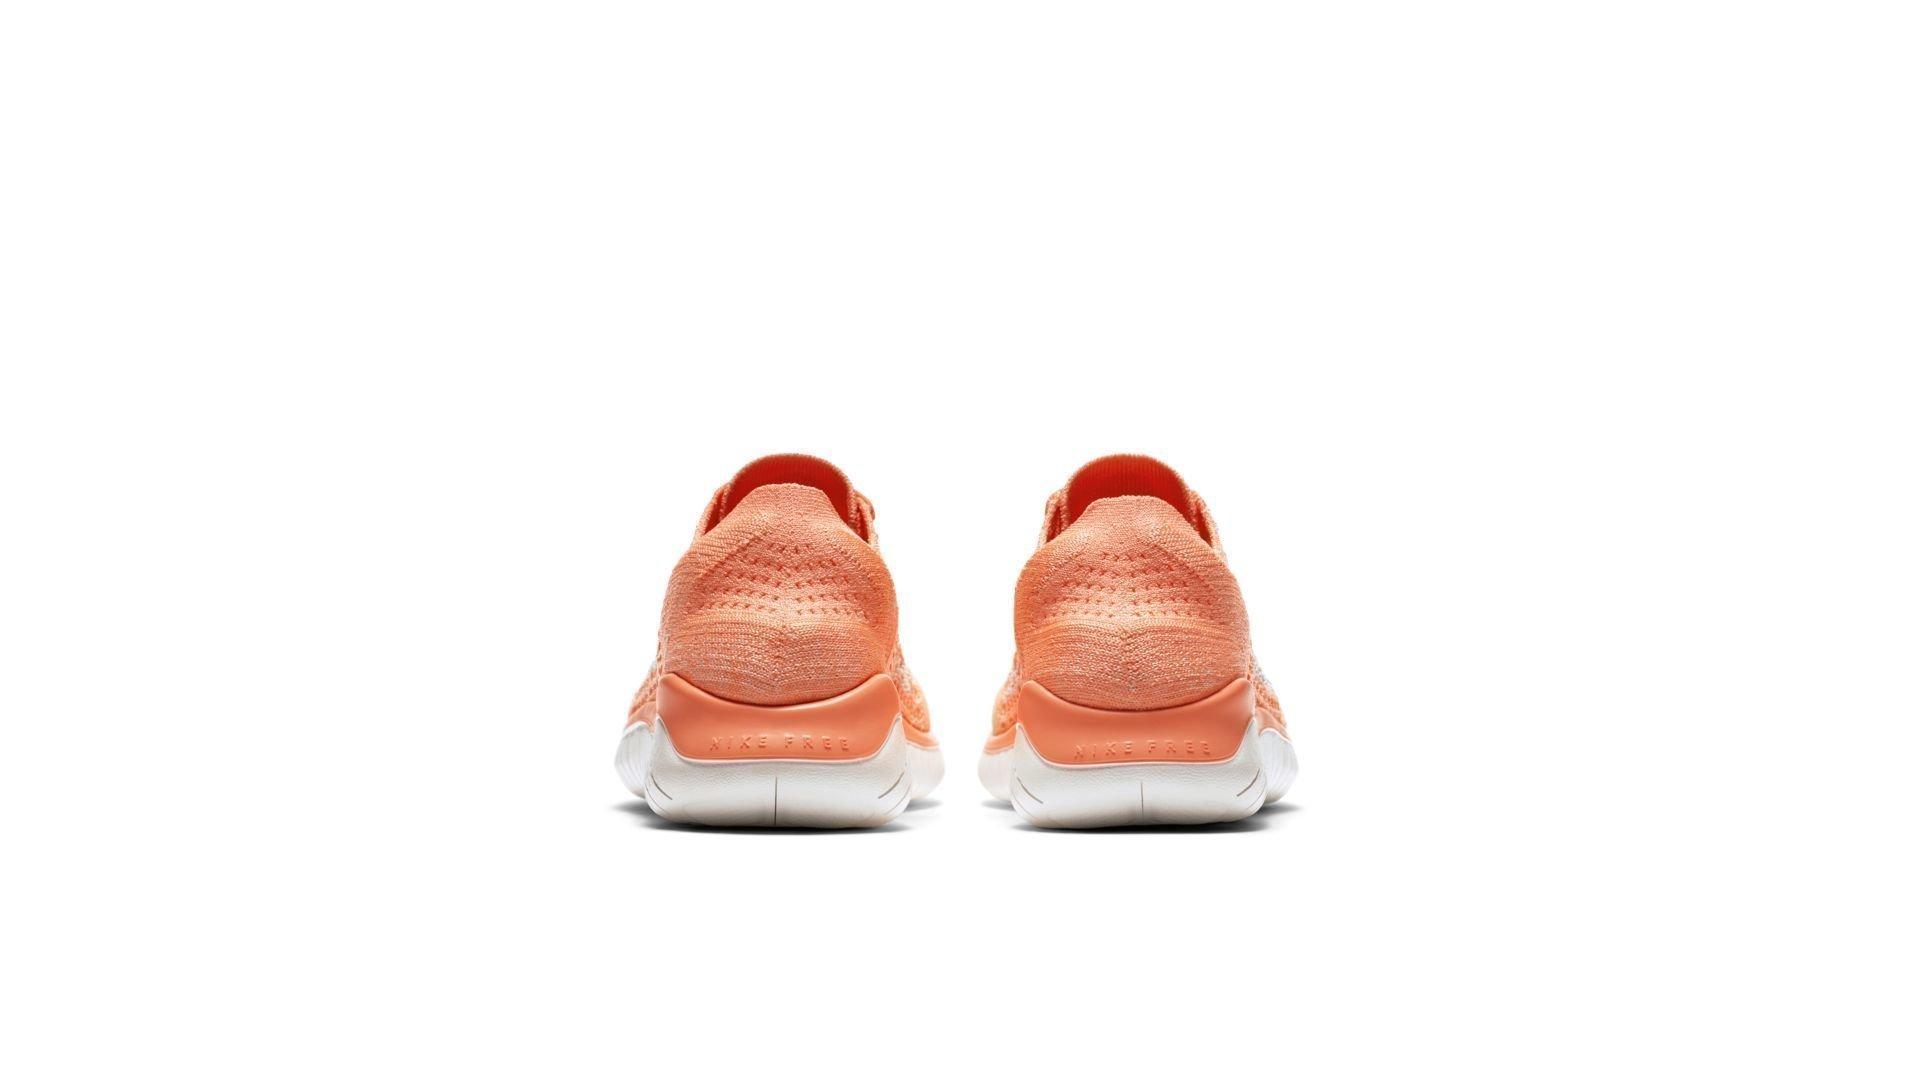 Nike Free RN Flyknit 2018 Crimson Pulse (W) (942839-801)